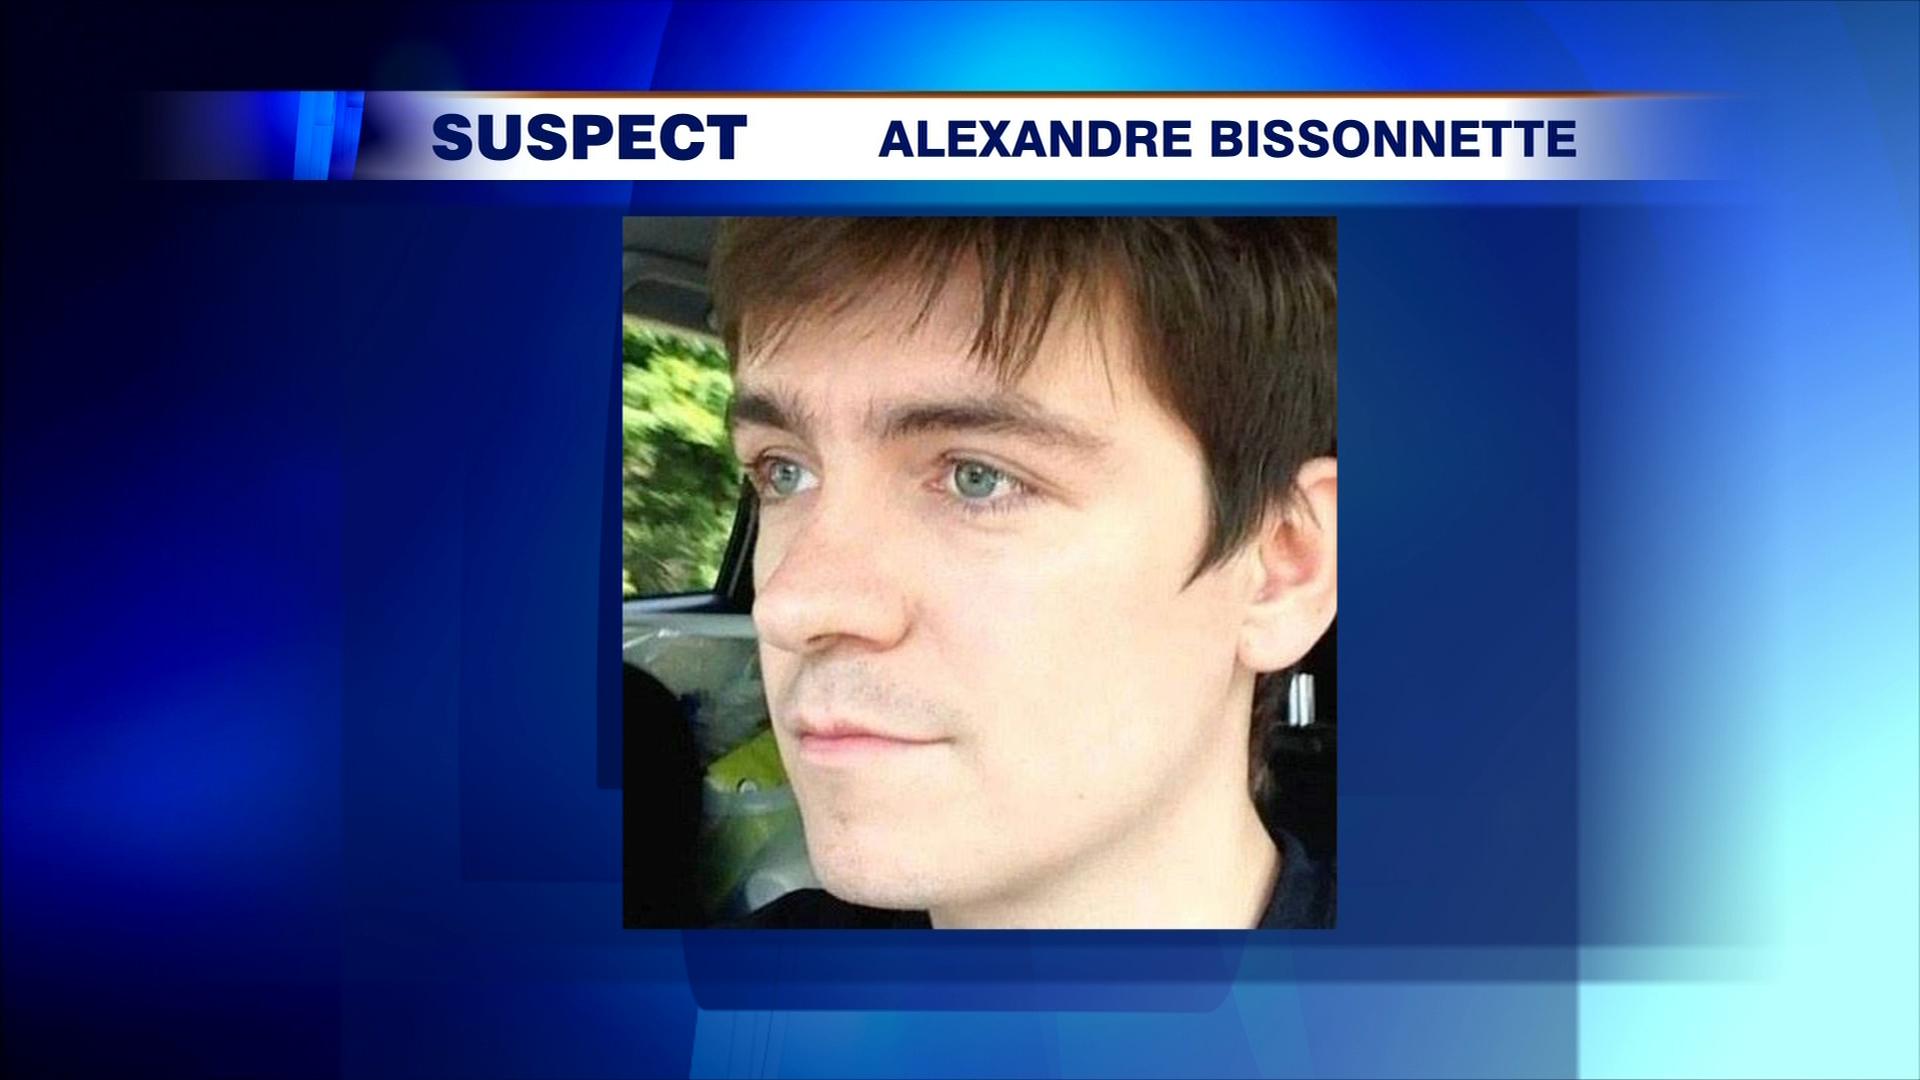 Alexandre Bissonnette: Quebec Massacre Suspect A Fan Of Trump, Far Right French